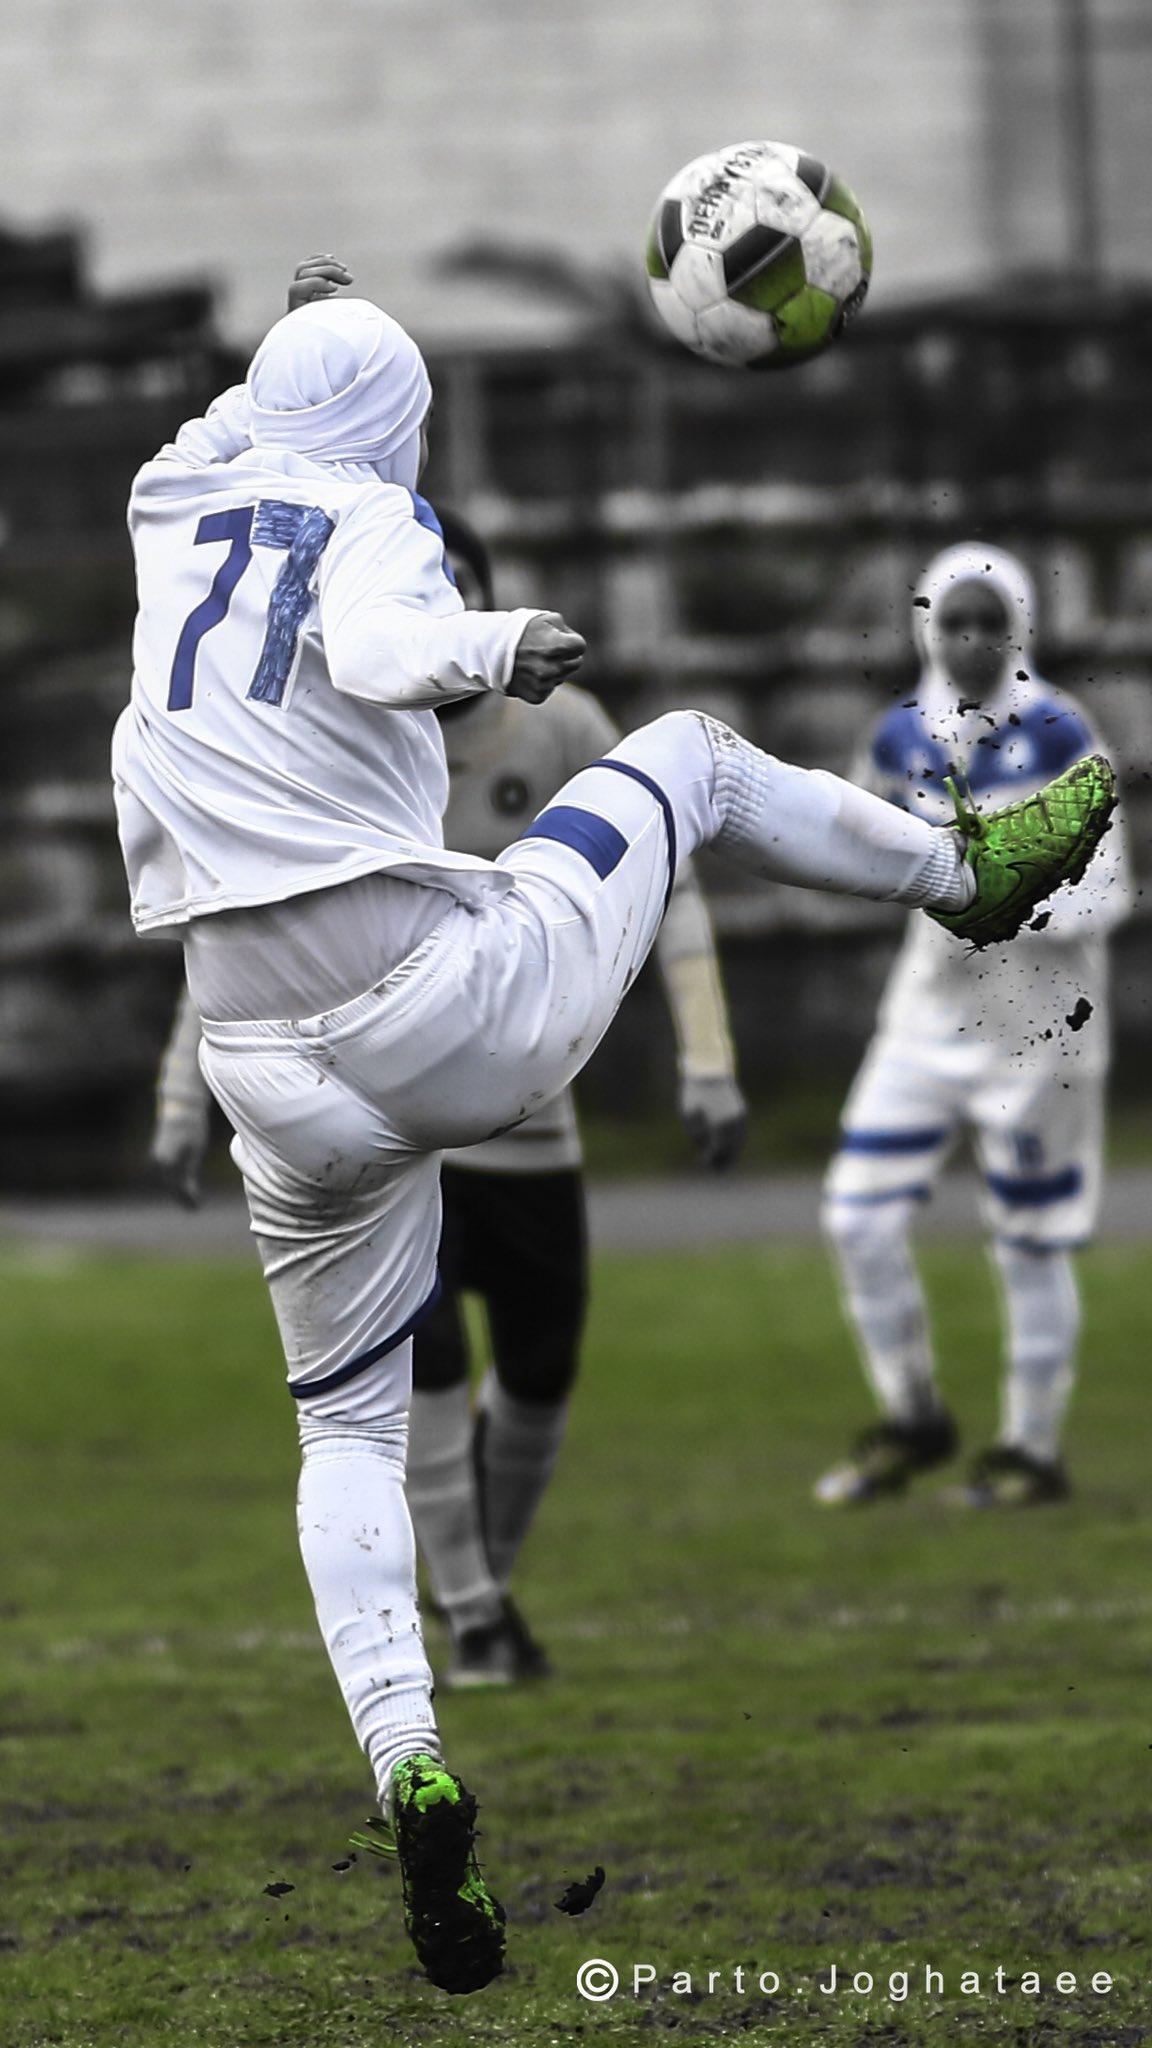 عکس خجالت آور از فوتبال زنان در ایران